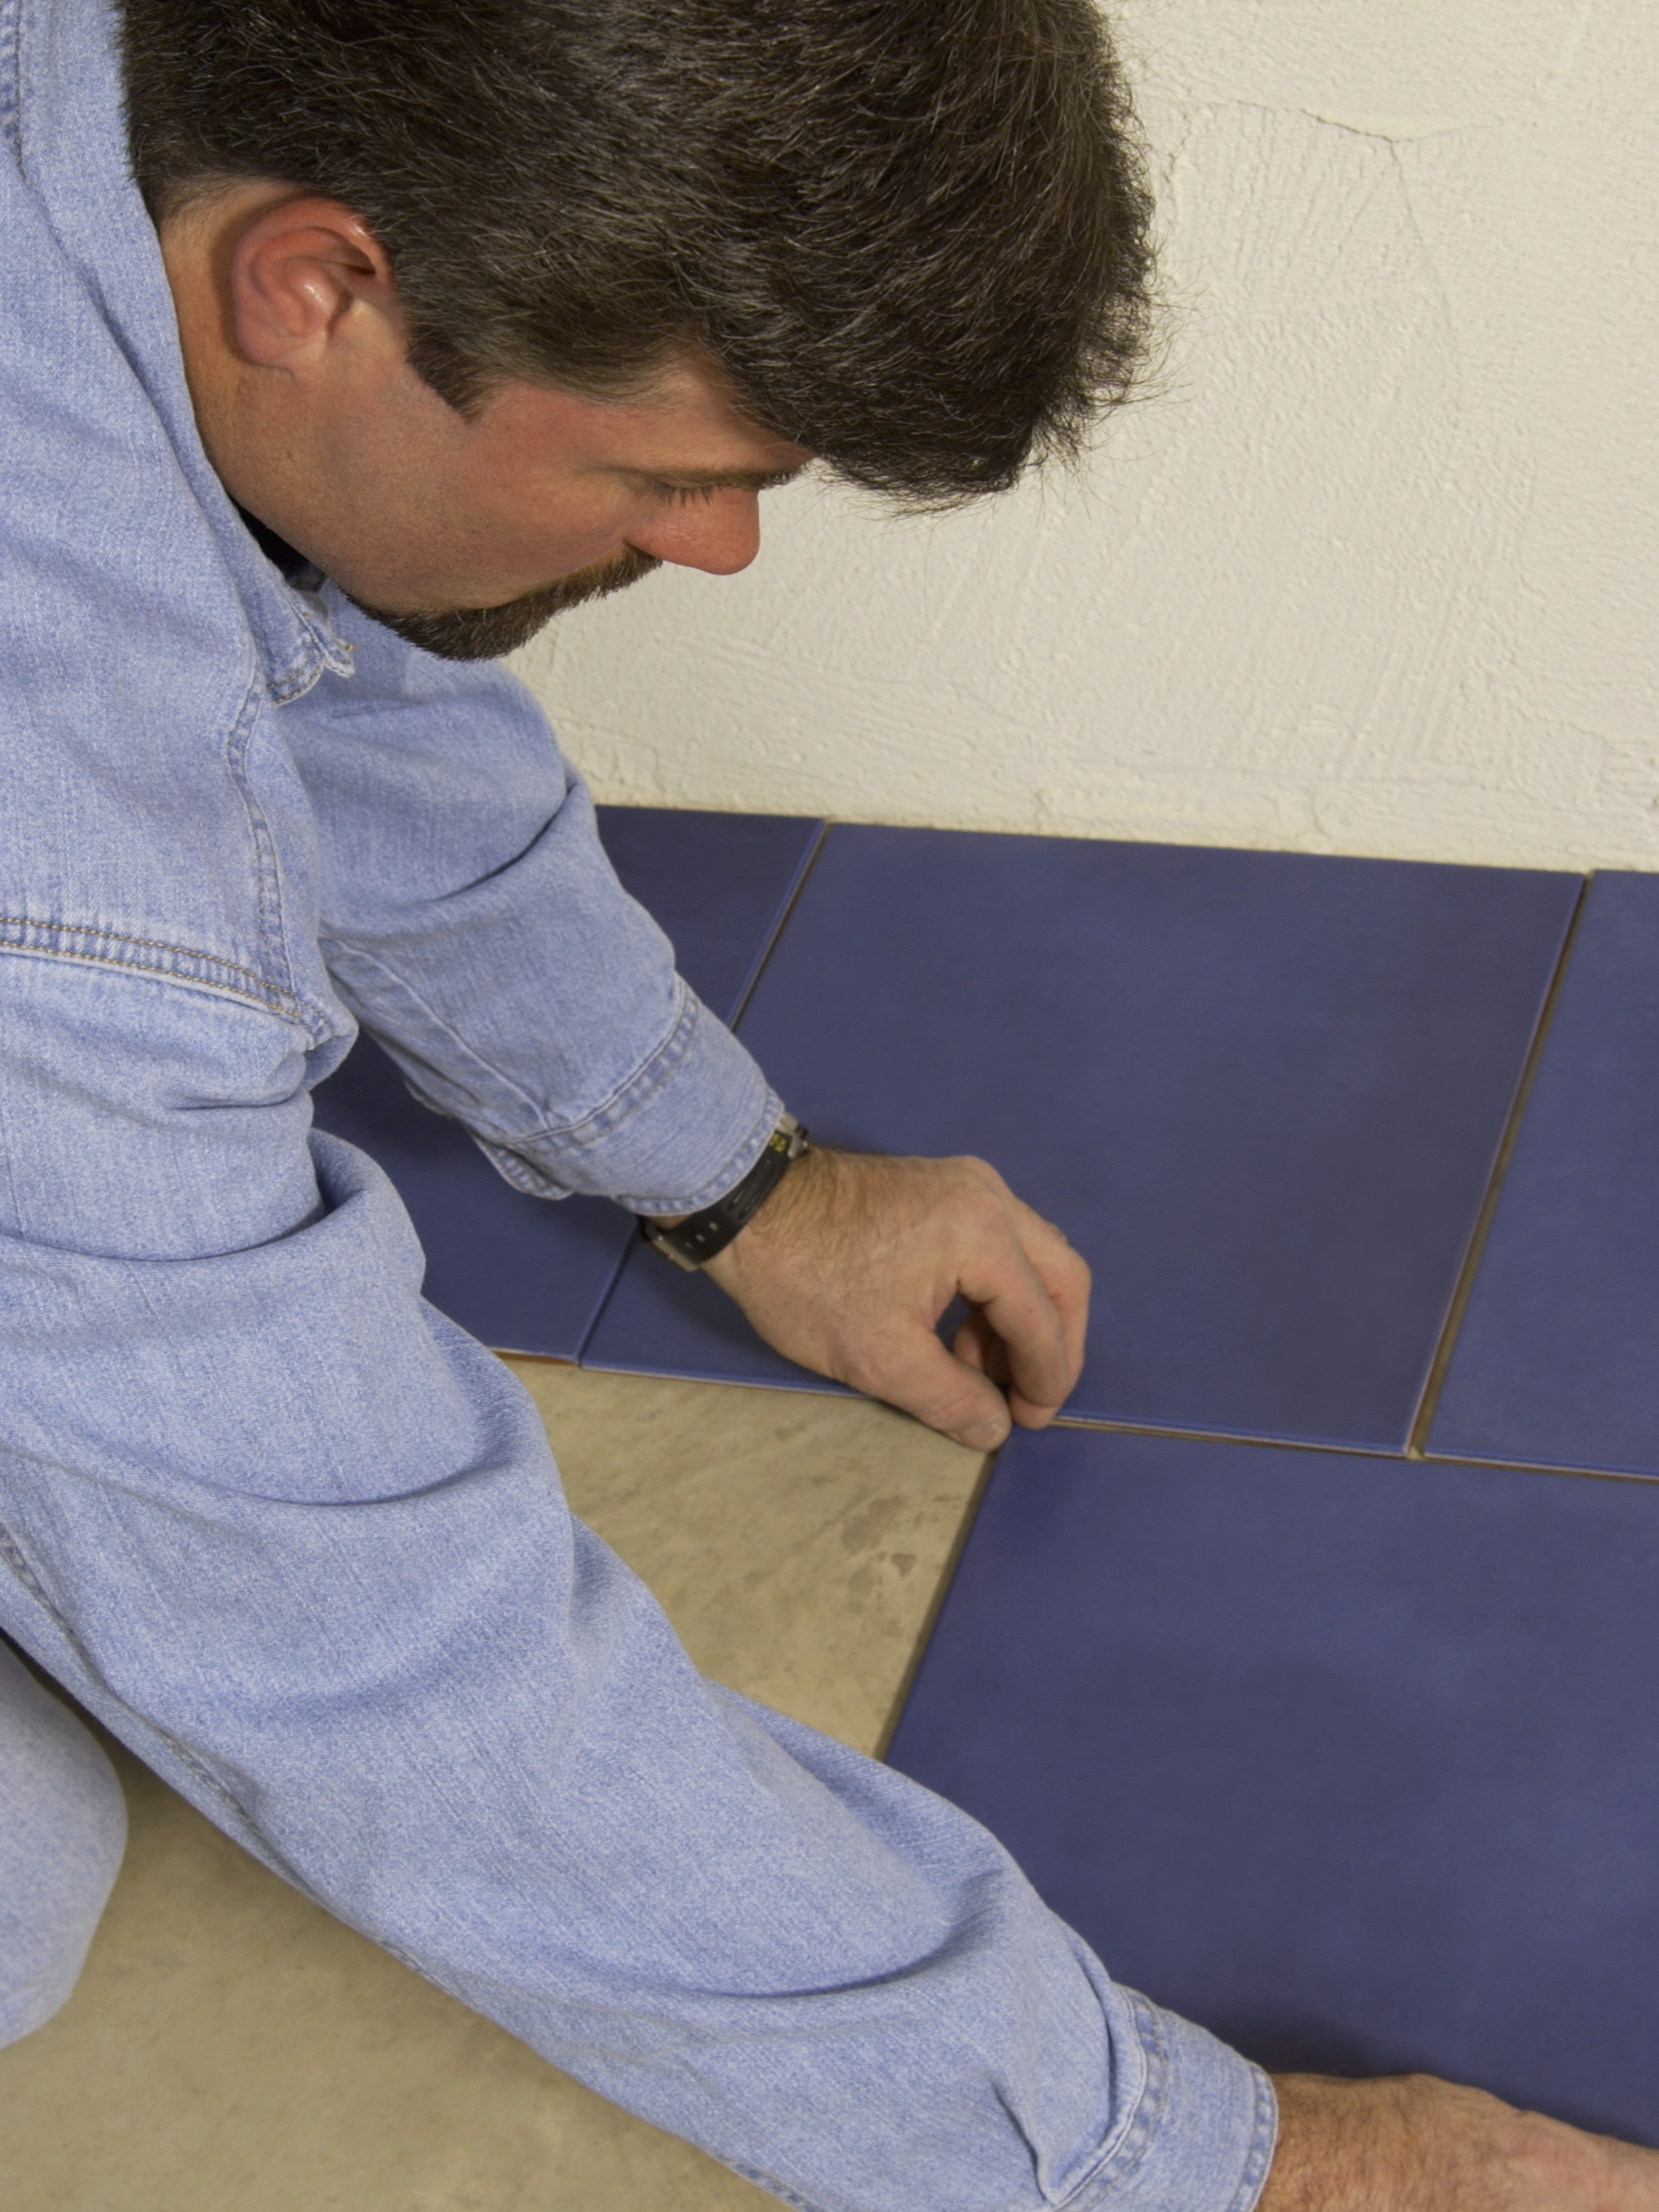 How to Price a Ceramic Tile Job | Chron.com